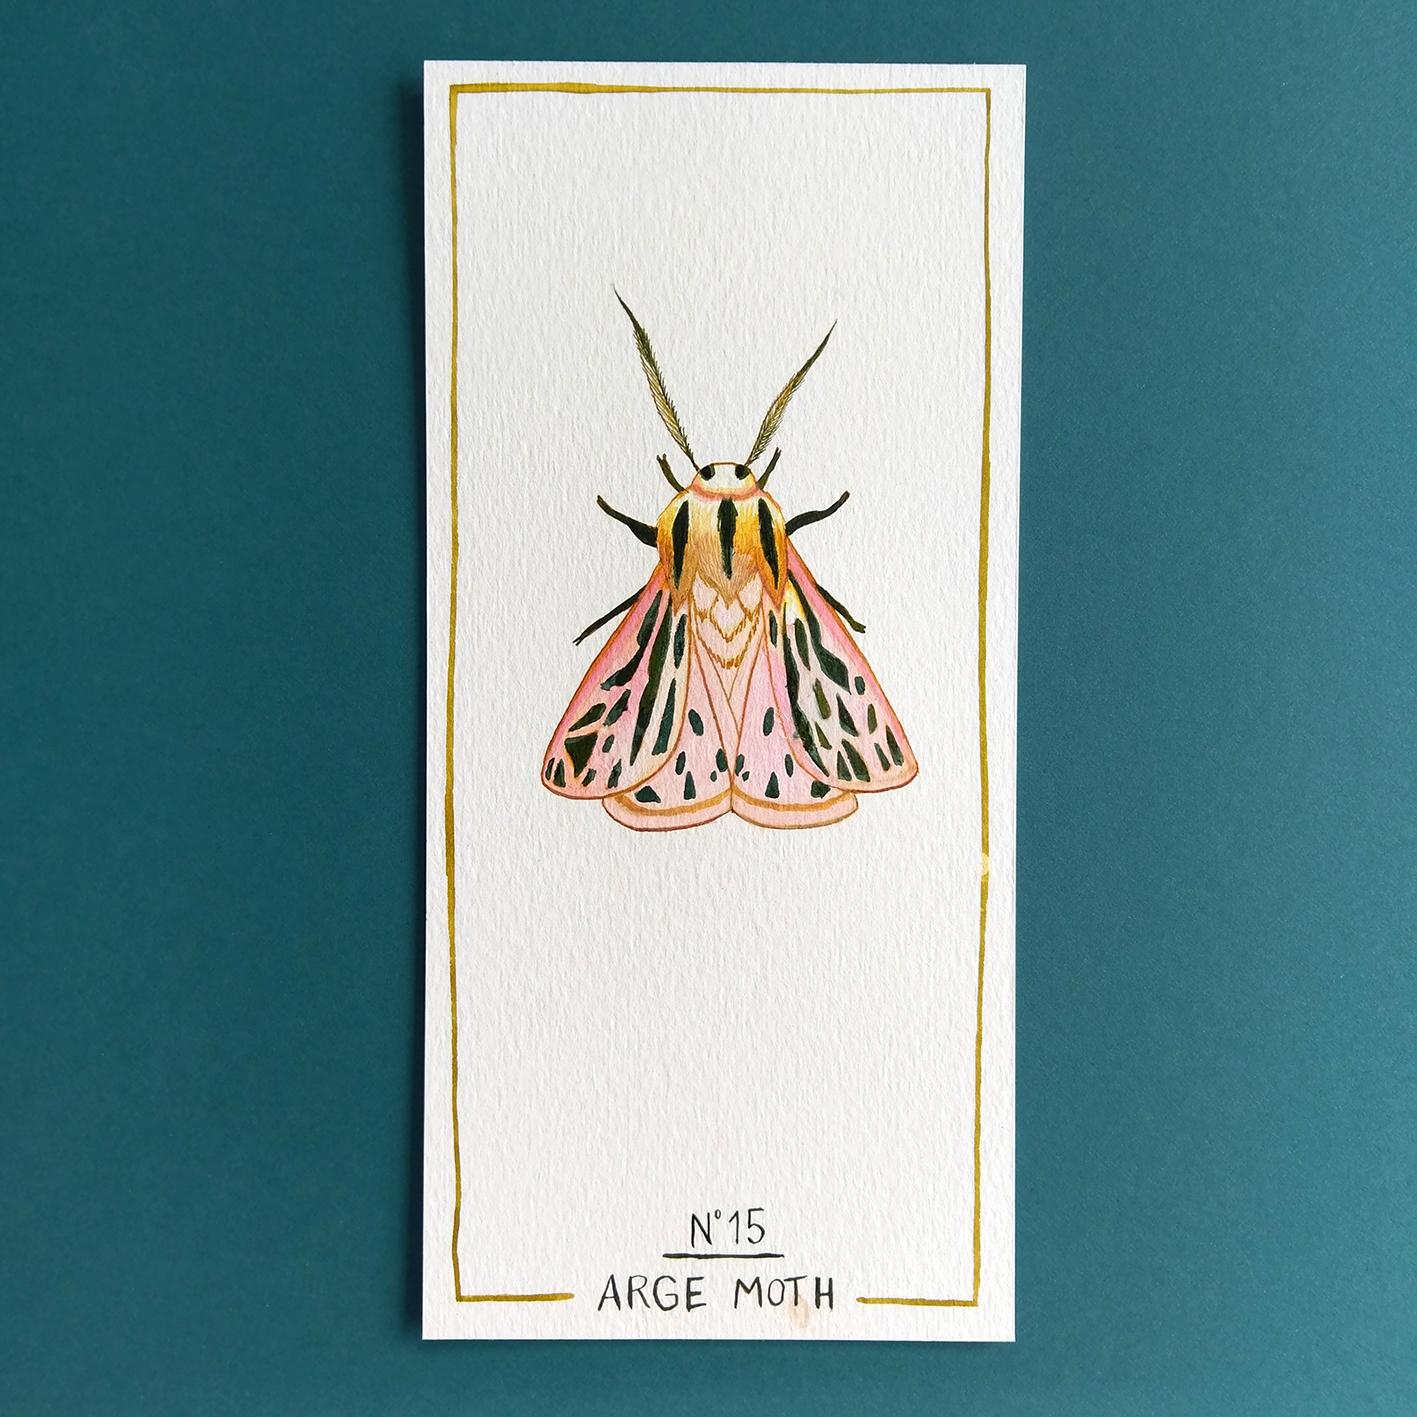 arge moth - dessin original à l'encre en vente